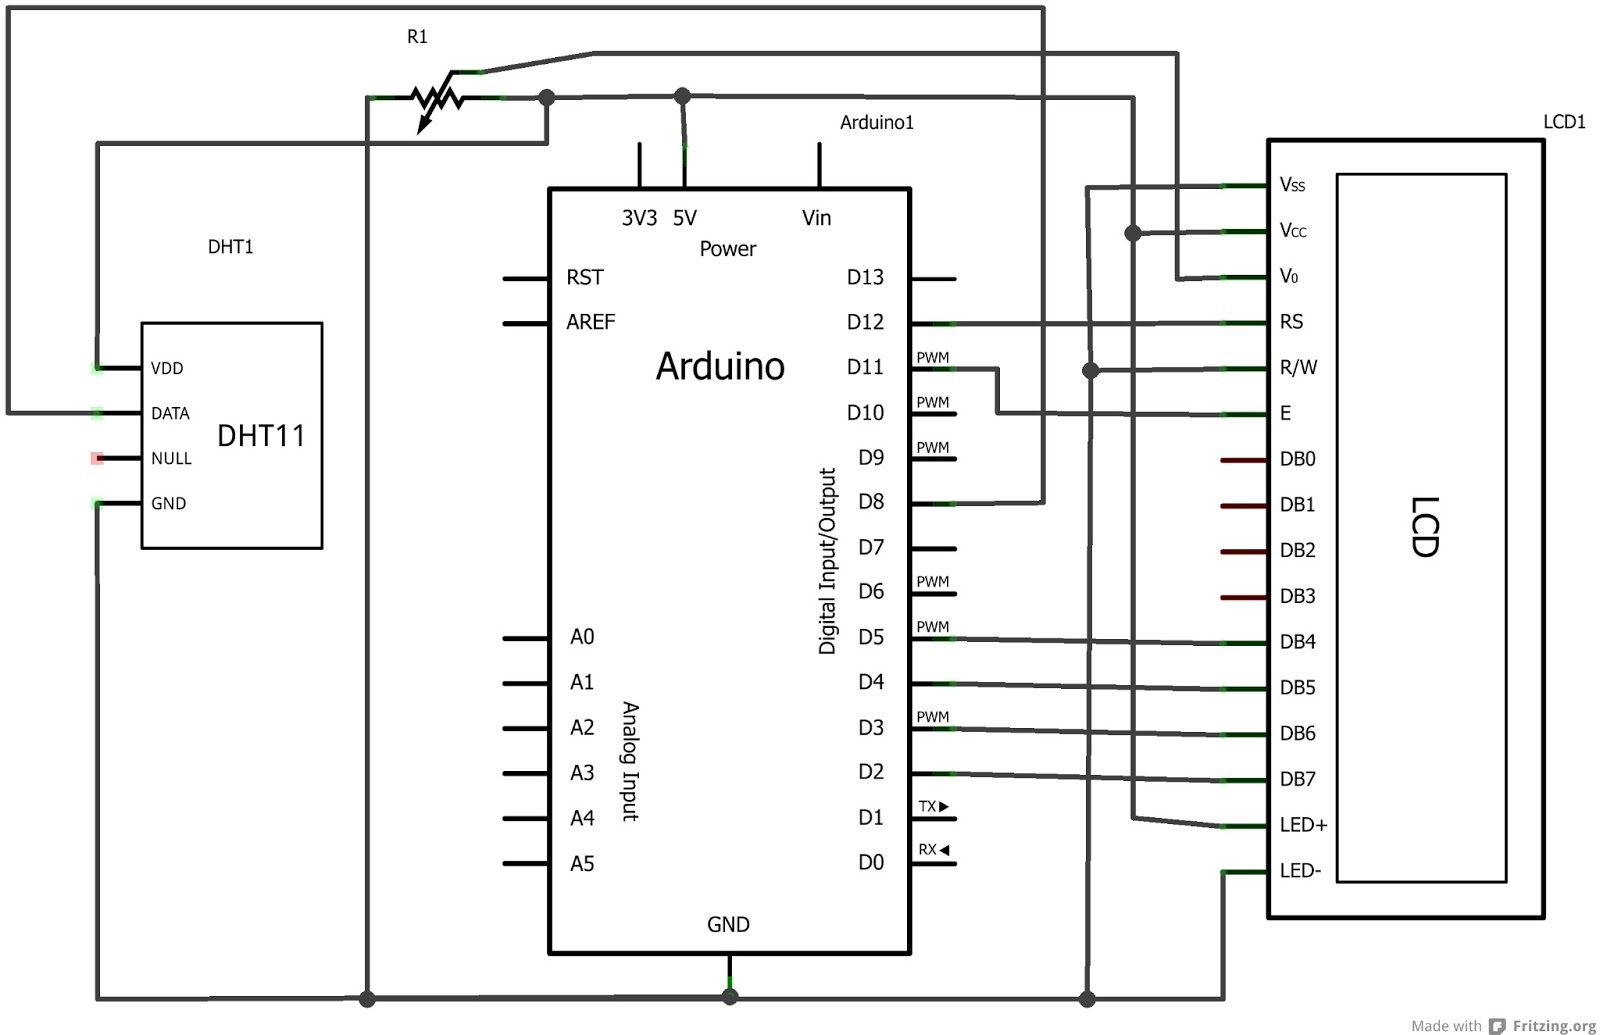 Schemi Elettrici Arduino : Daniele alberti arduino s termometro